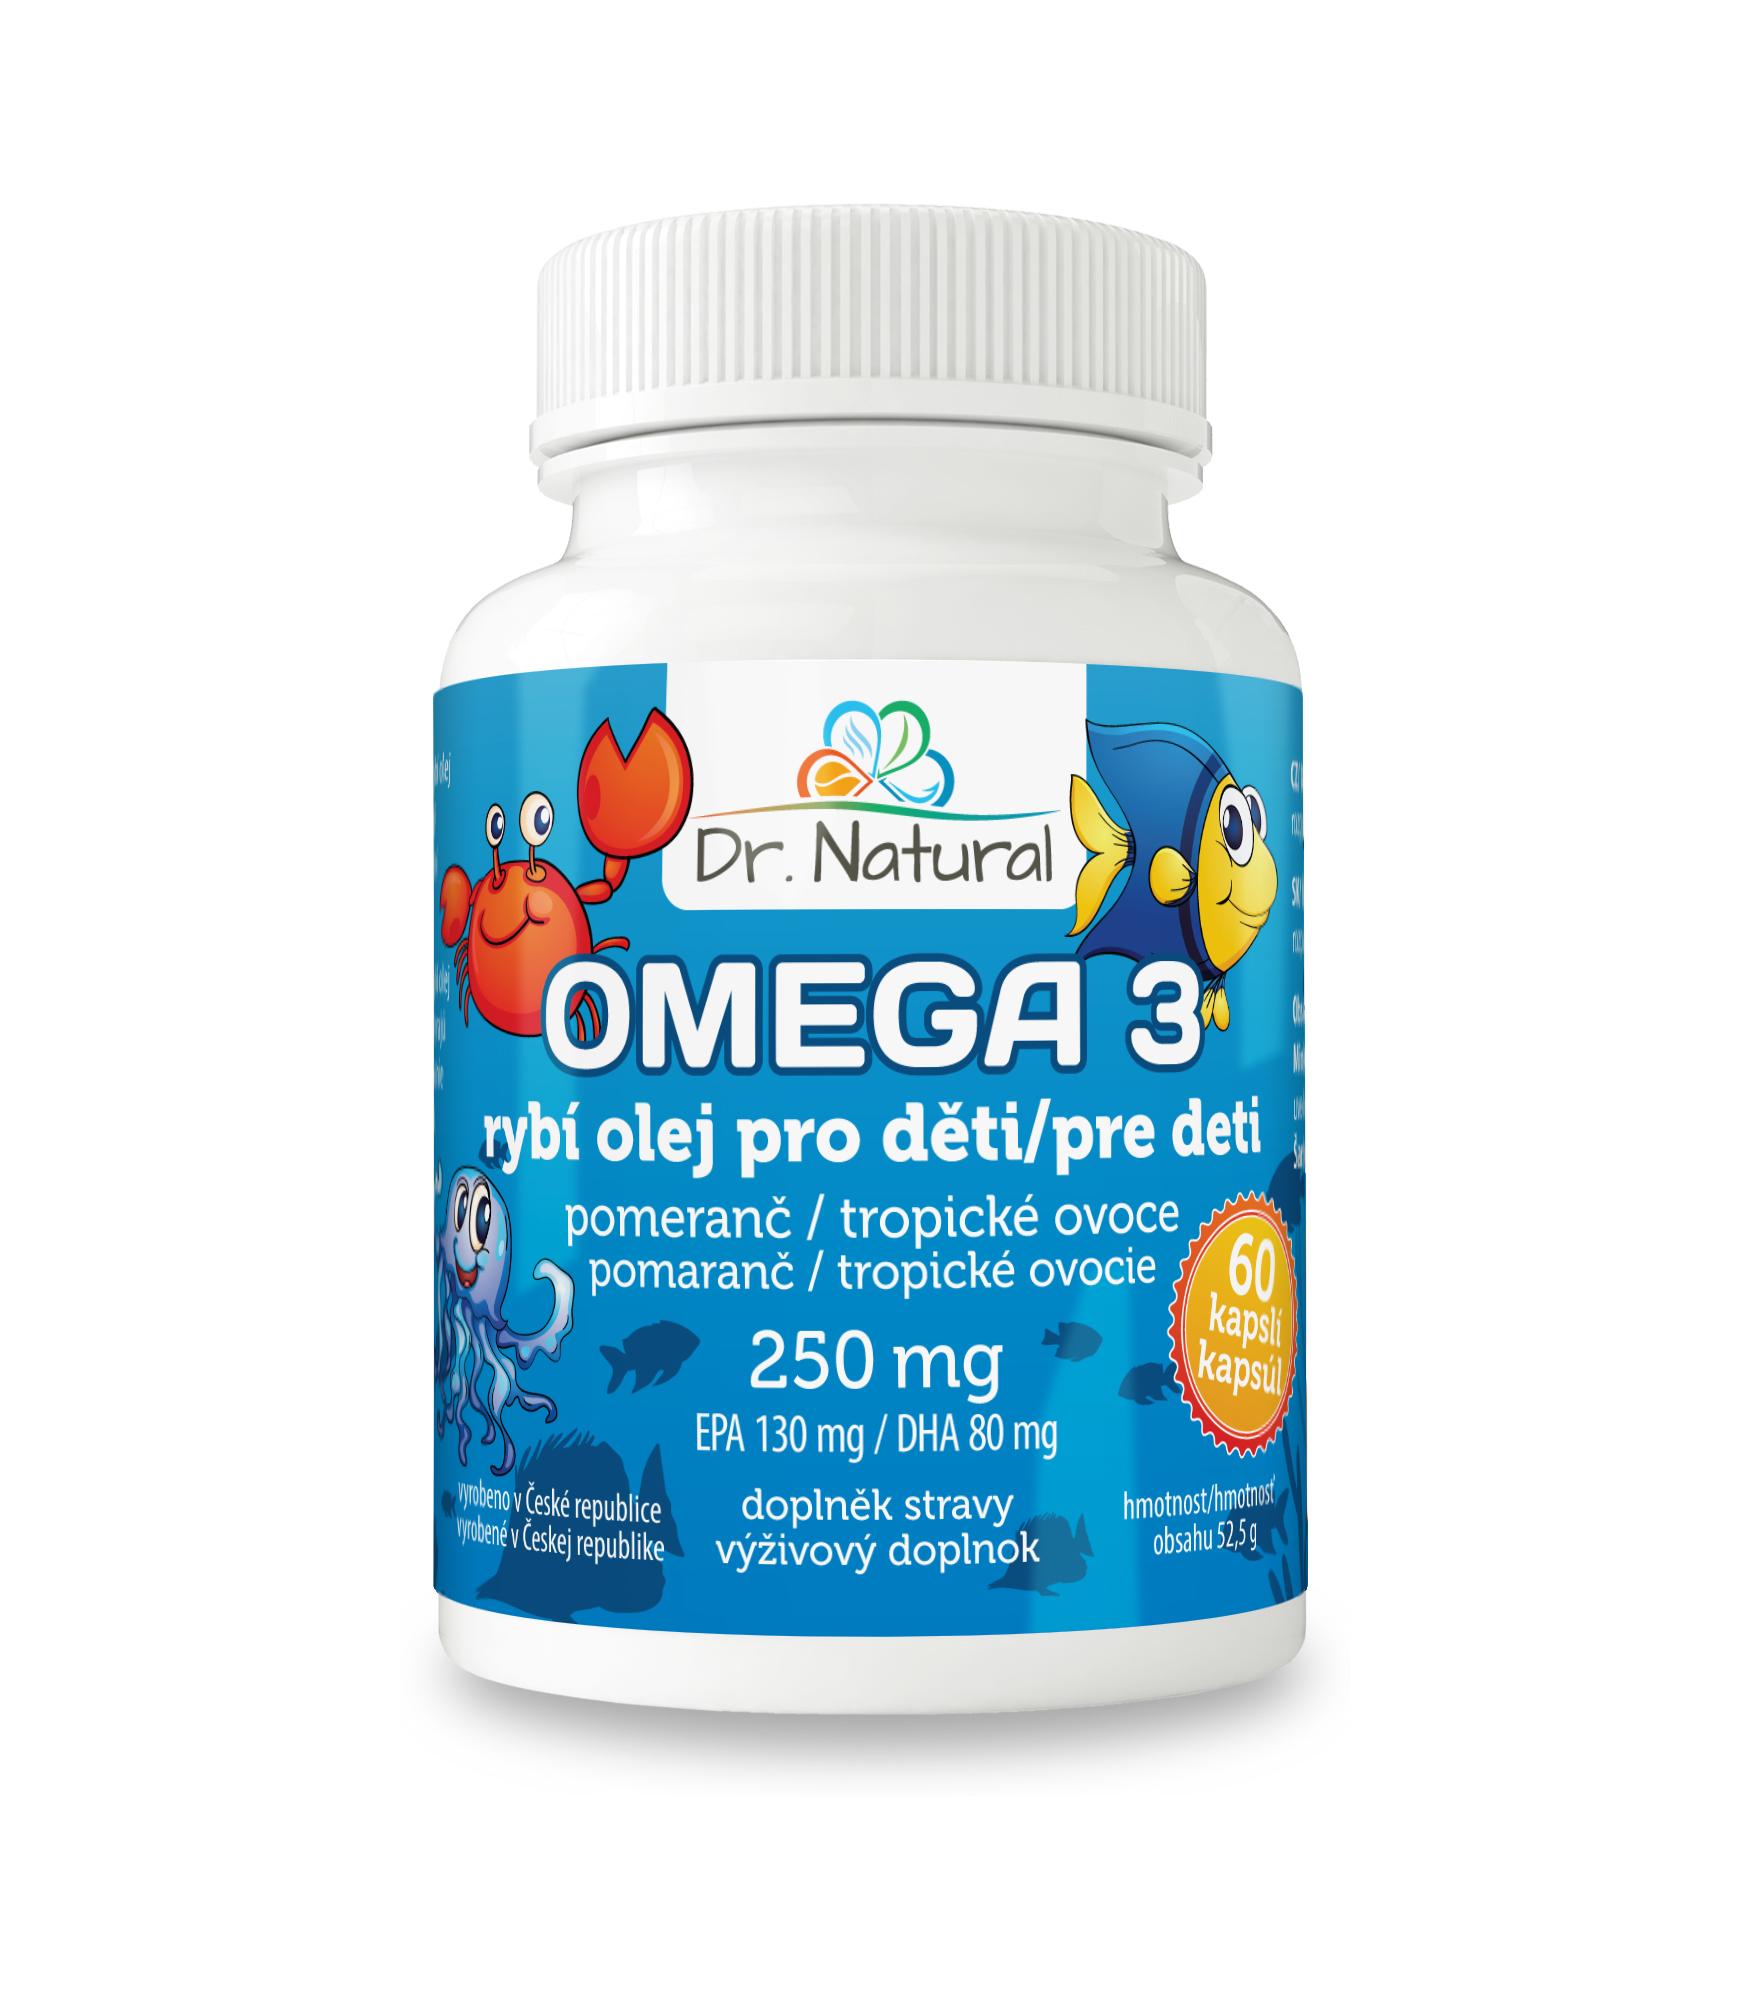 Dr.Natural Omega 3 Rybí olej pro děti 250mg EPA130mg/DHA80mg 60 cps.